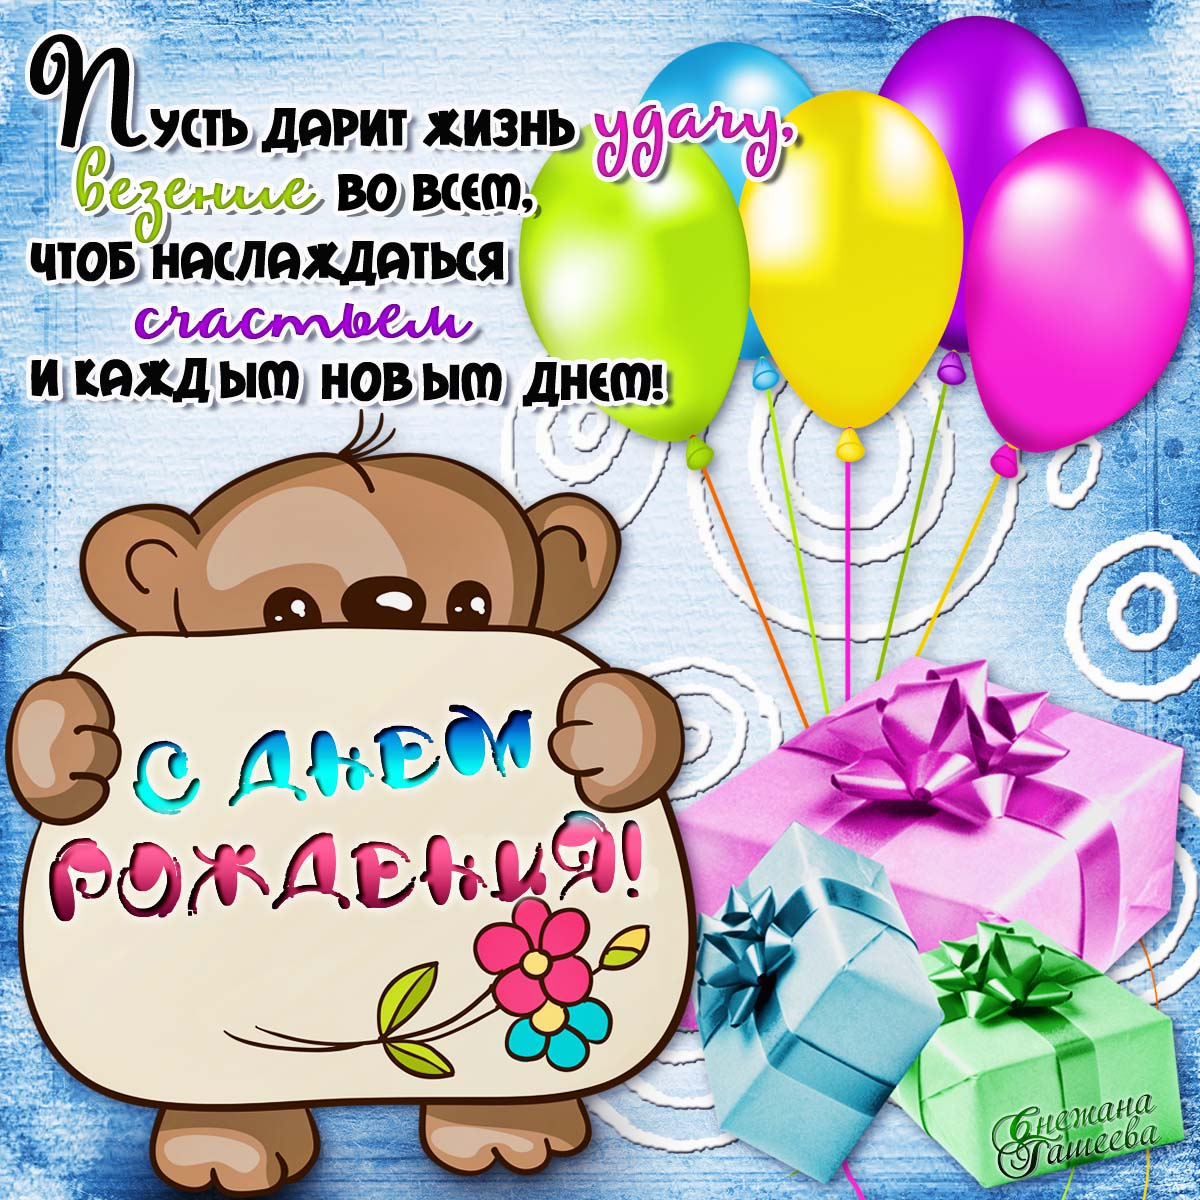 Не стихи поздравления с днем рождения